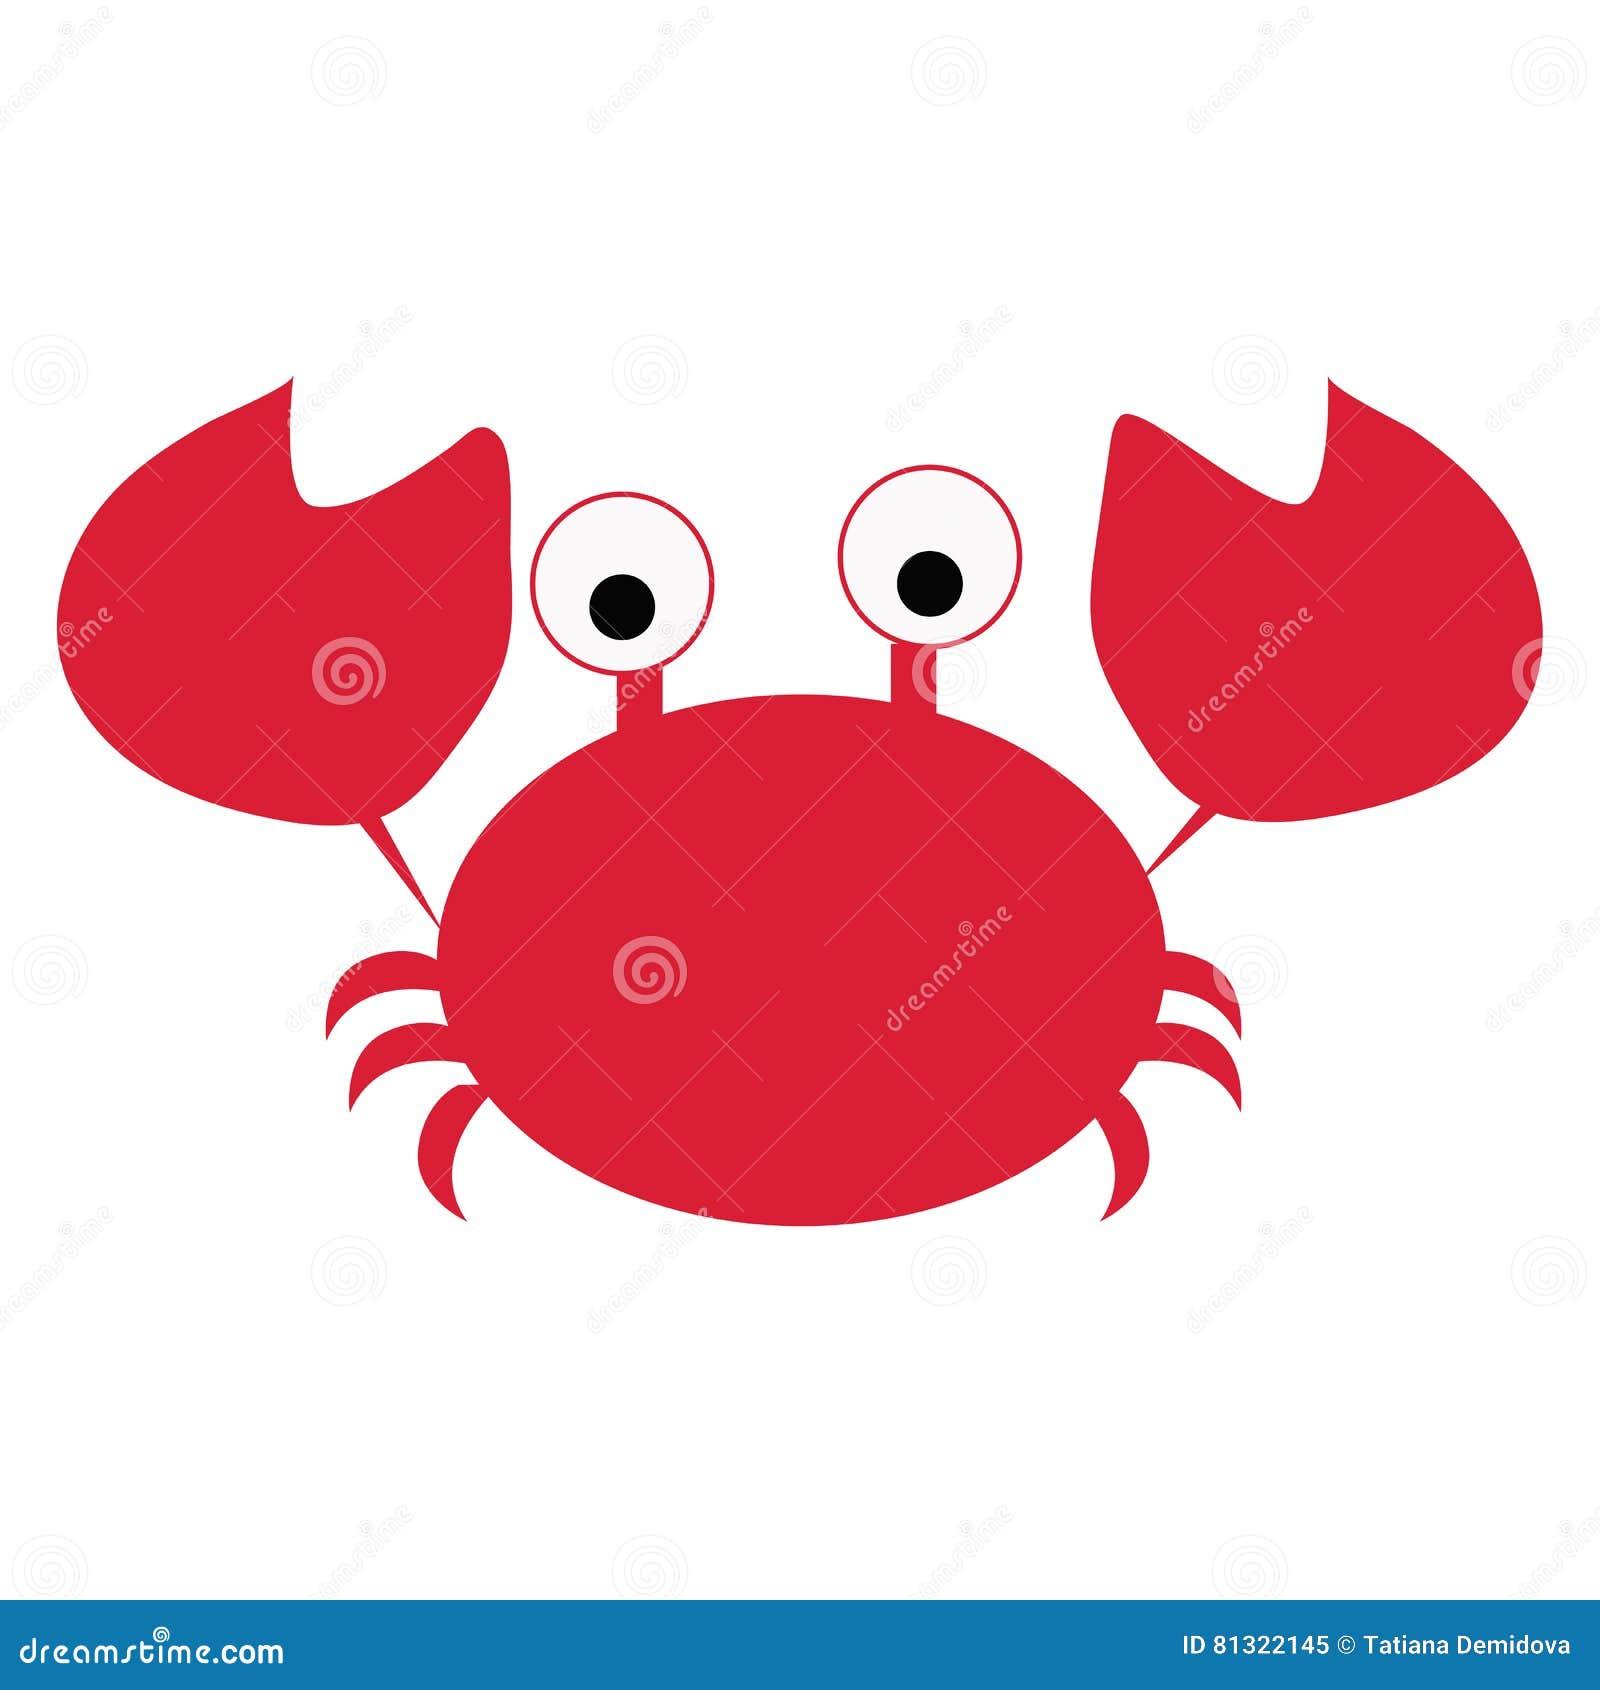 Red Crab Cartoon Vector Icon Illustration. Cartoon Vector ...